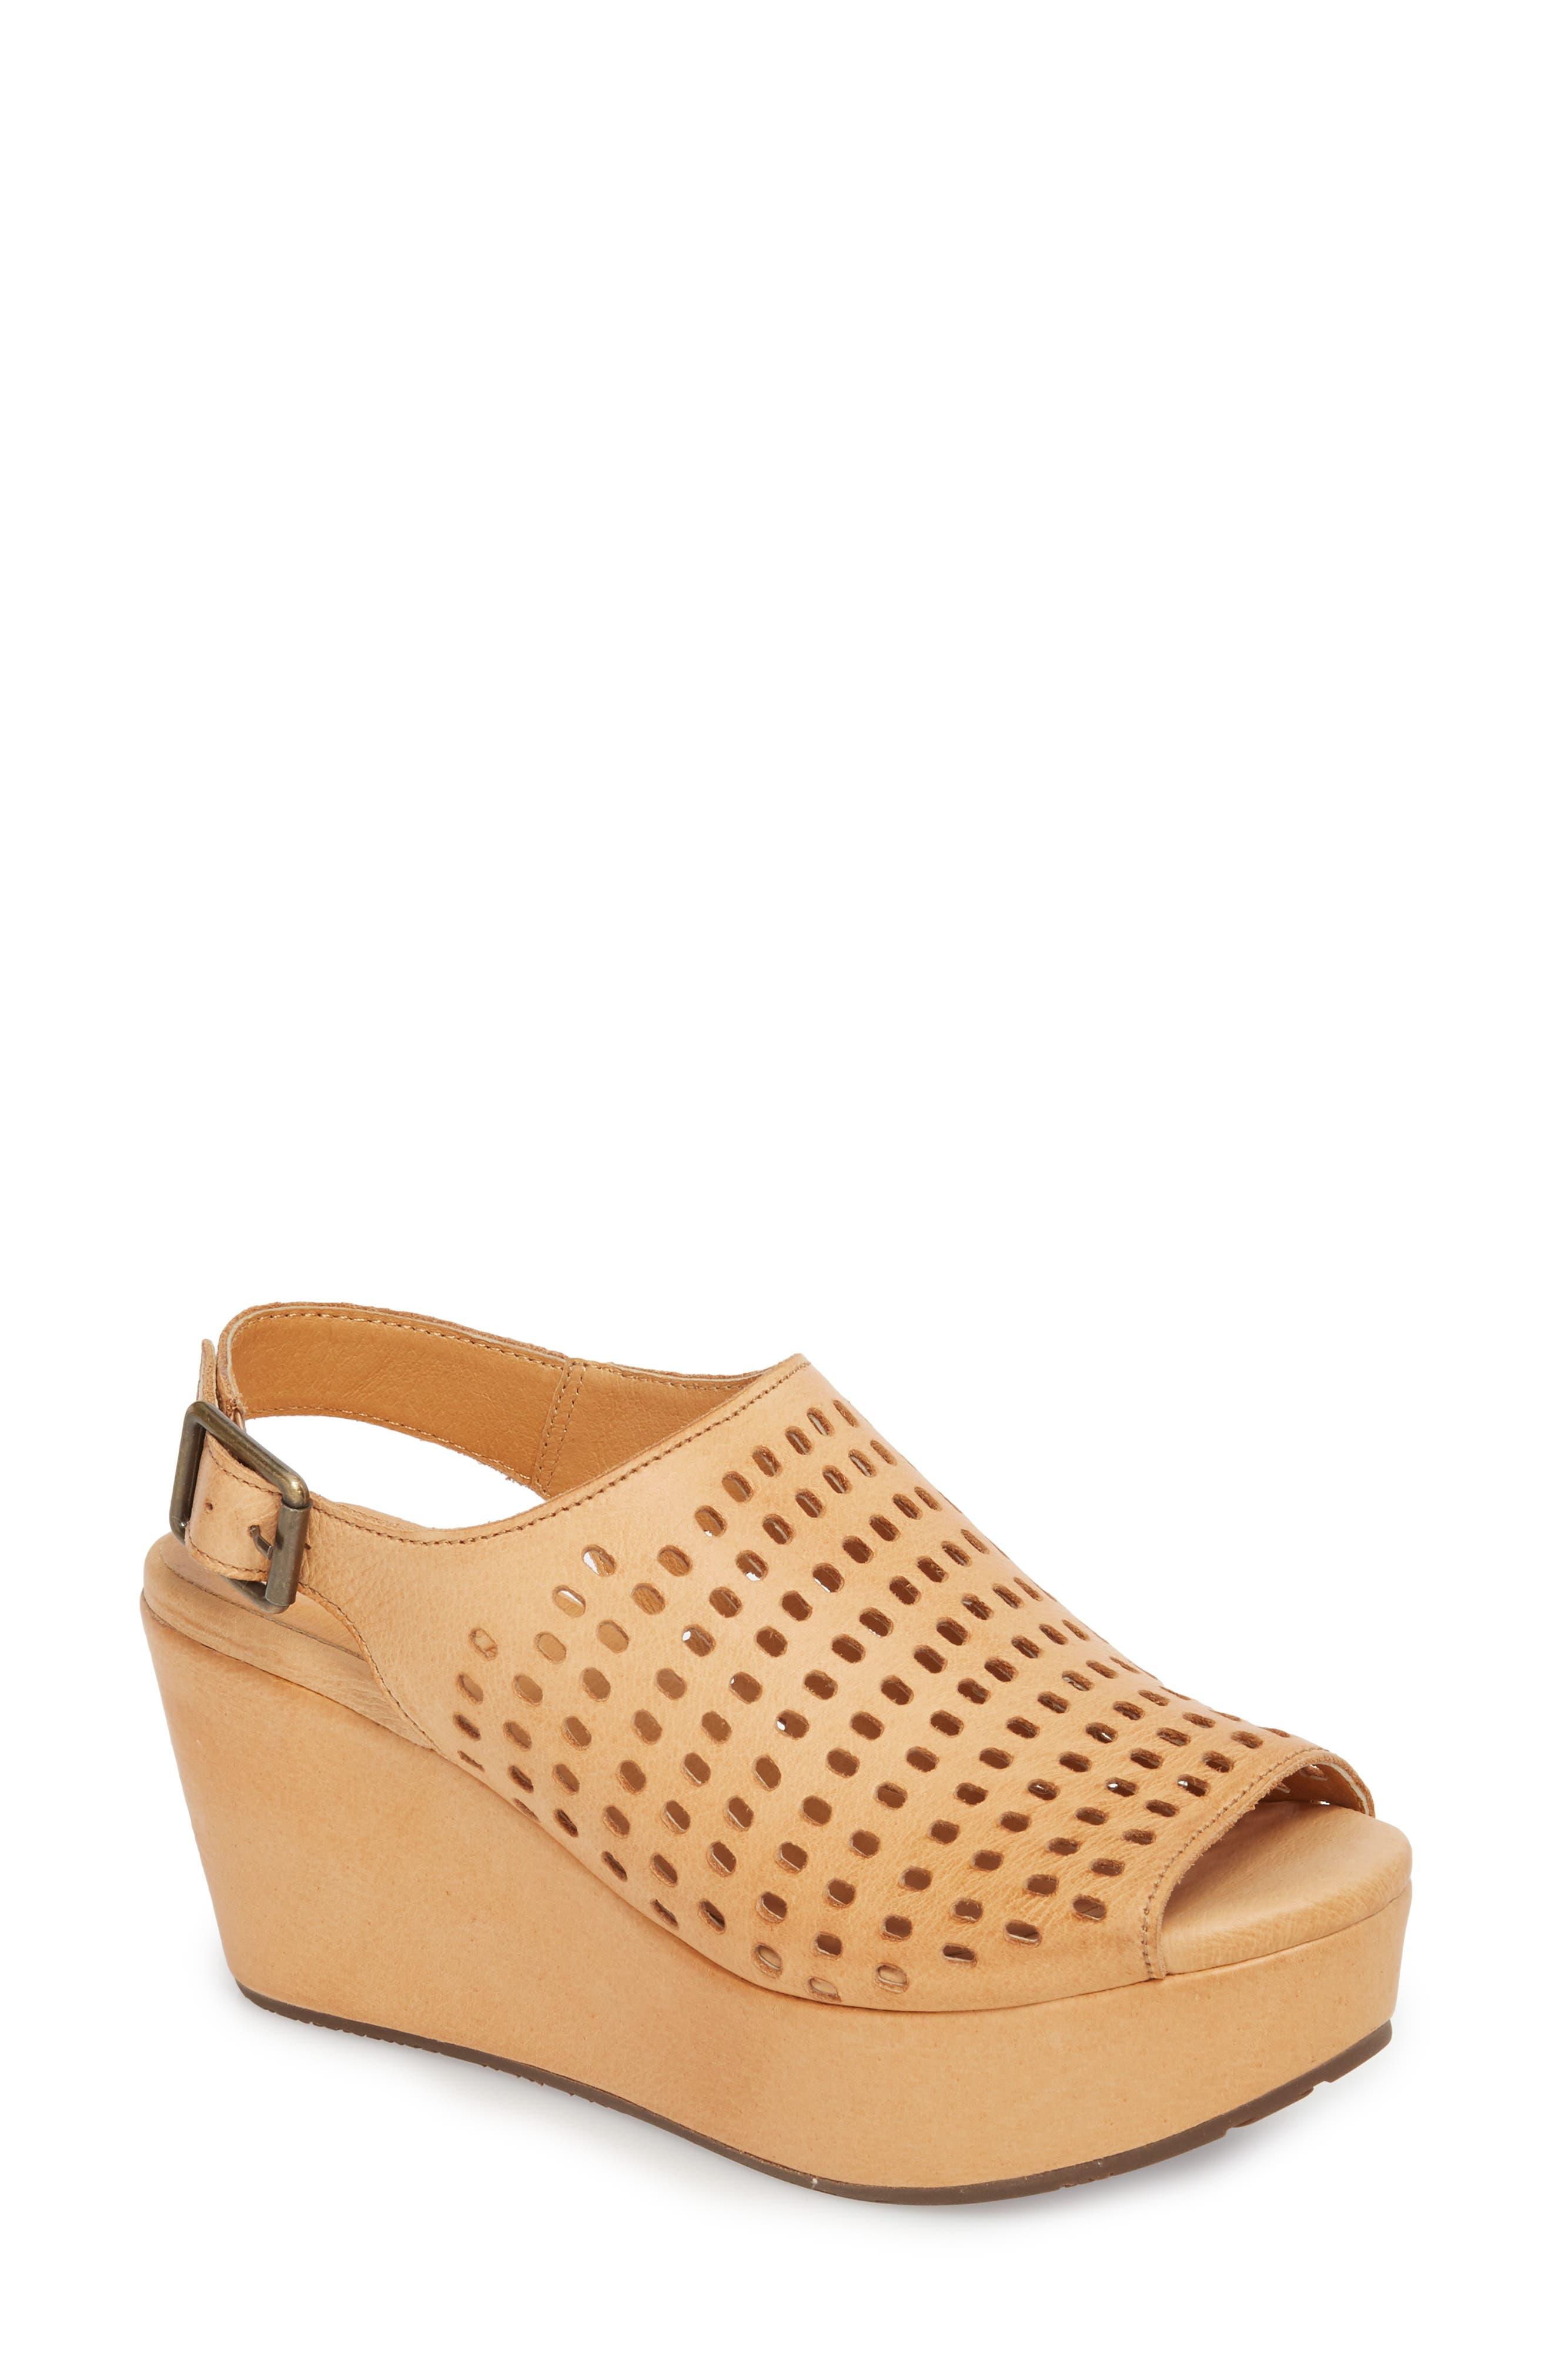 Alternate Image 1 Selected - Chocolat Blu Wally Platform Wedge Sandal (Women)